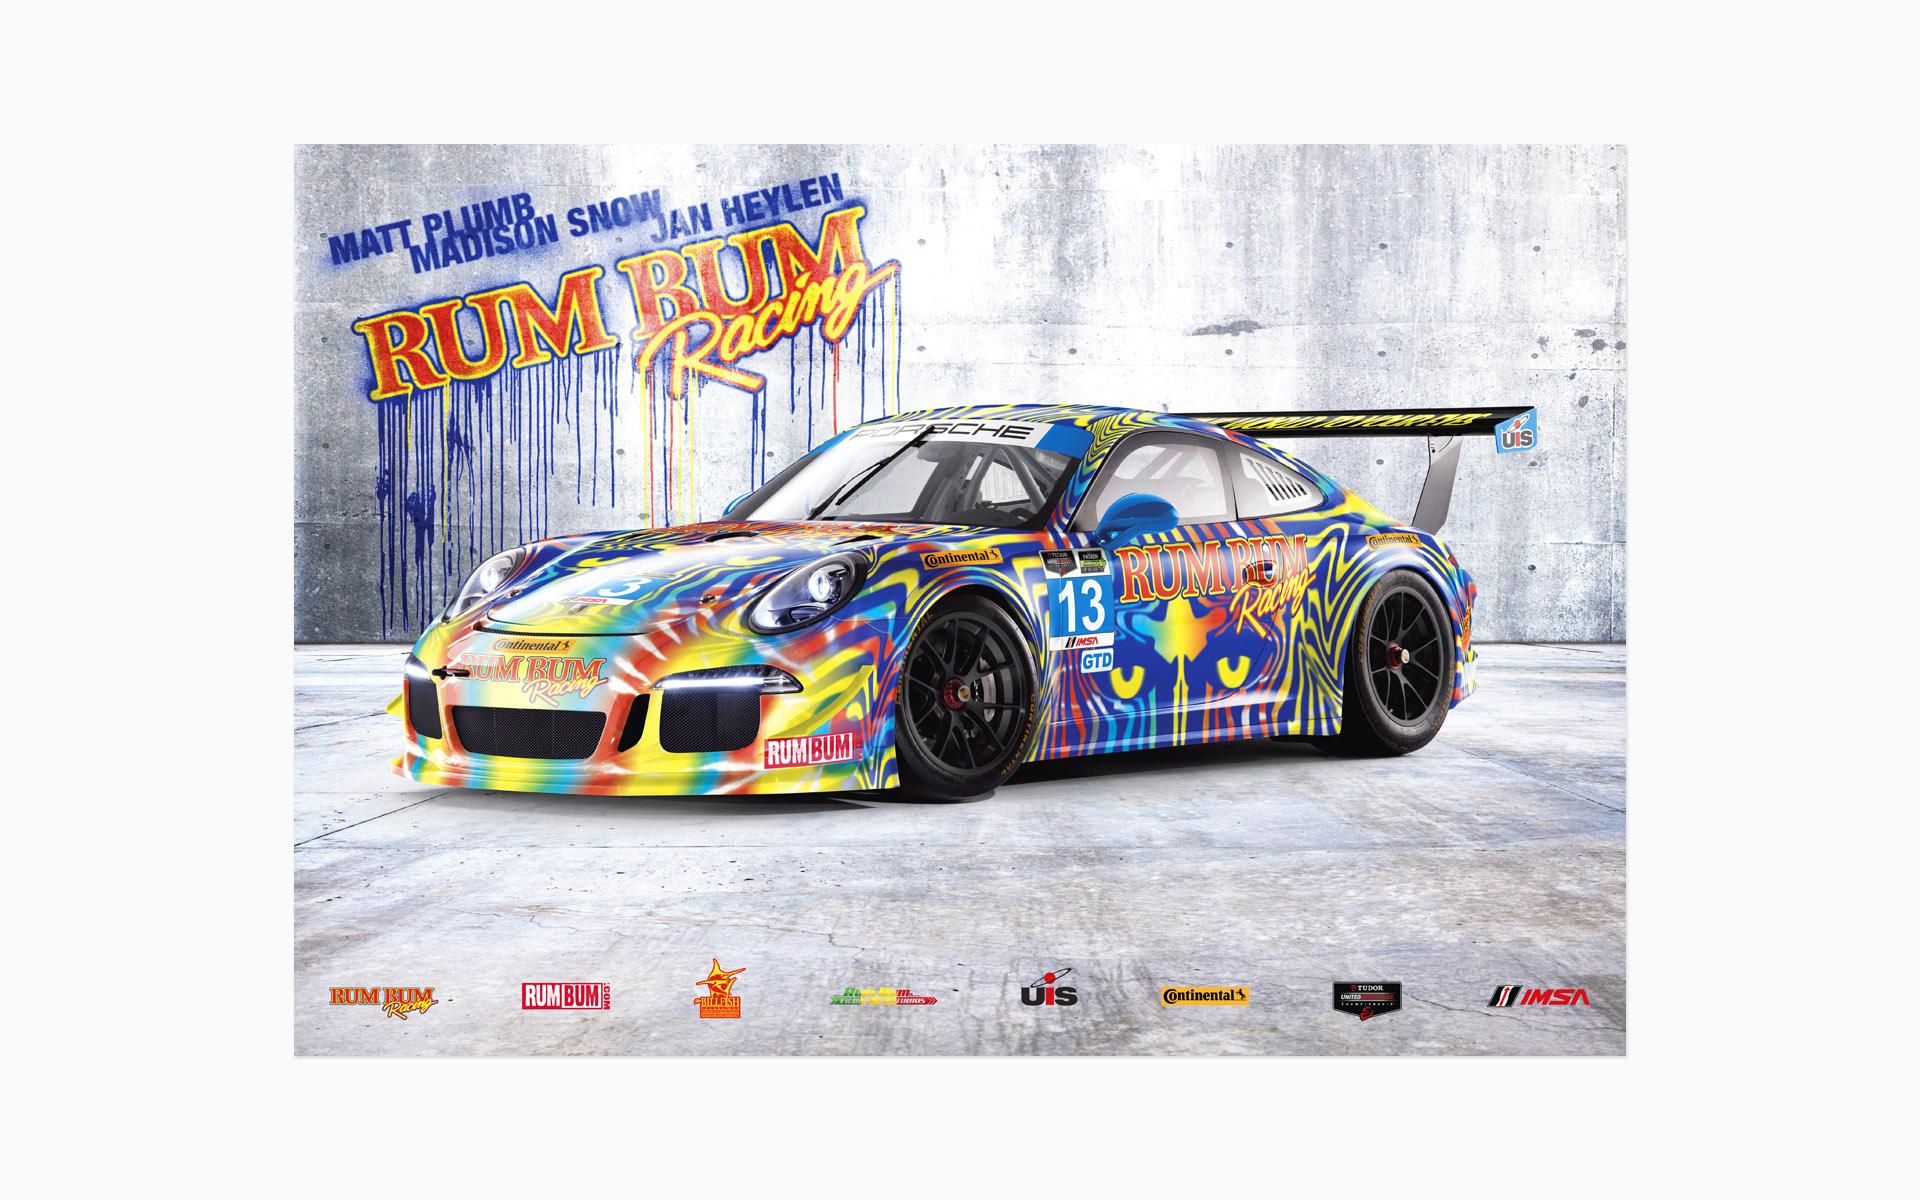 2014 Rum Bum Racing Porsche 911 GTD Poster